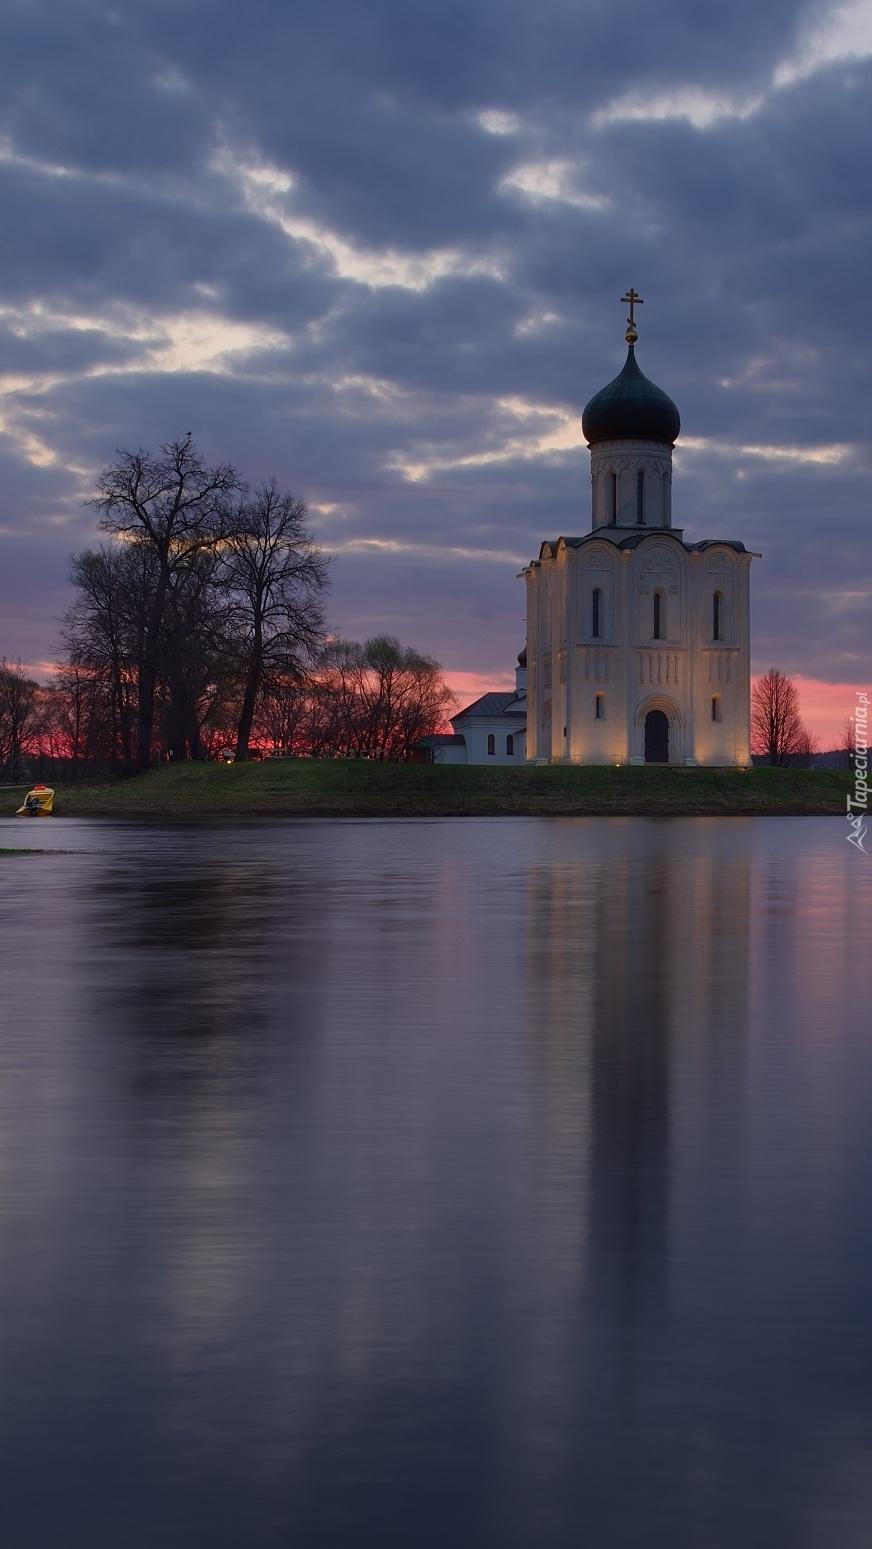 Cerkiew Opieki Matki Bożej nad rzeką Nerl